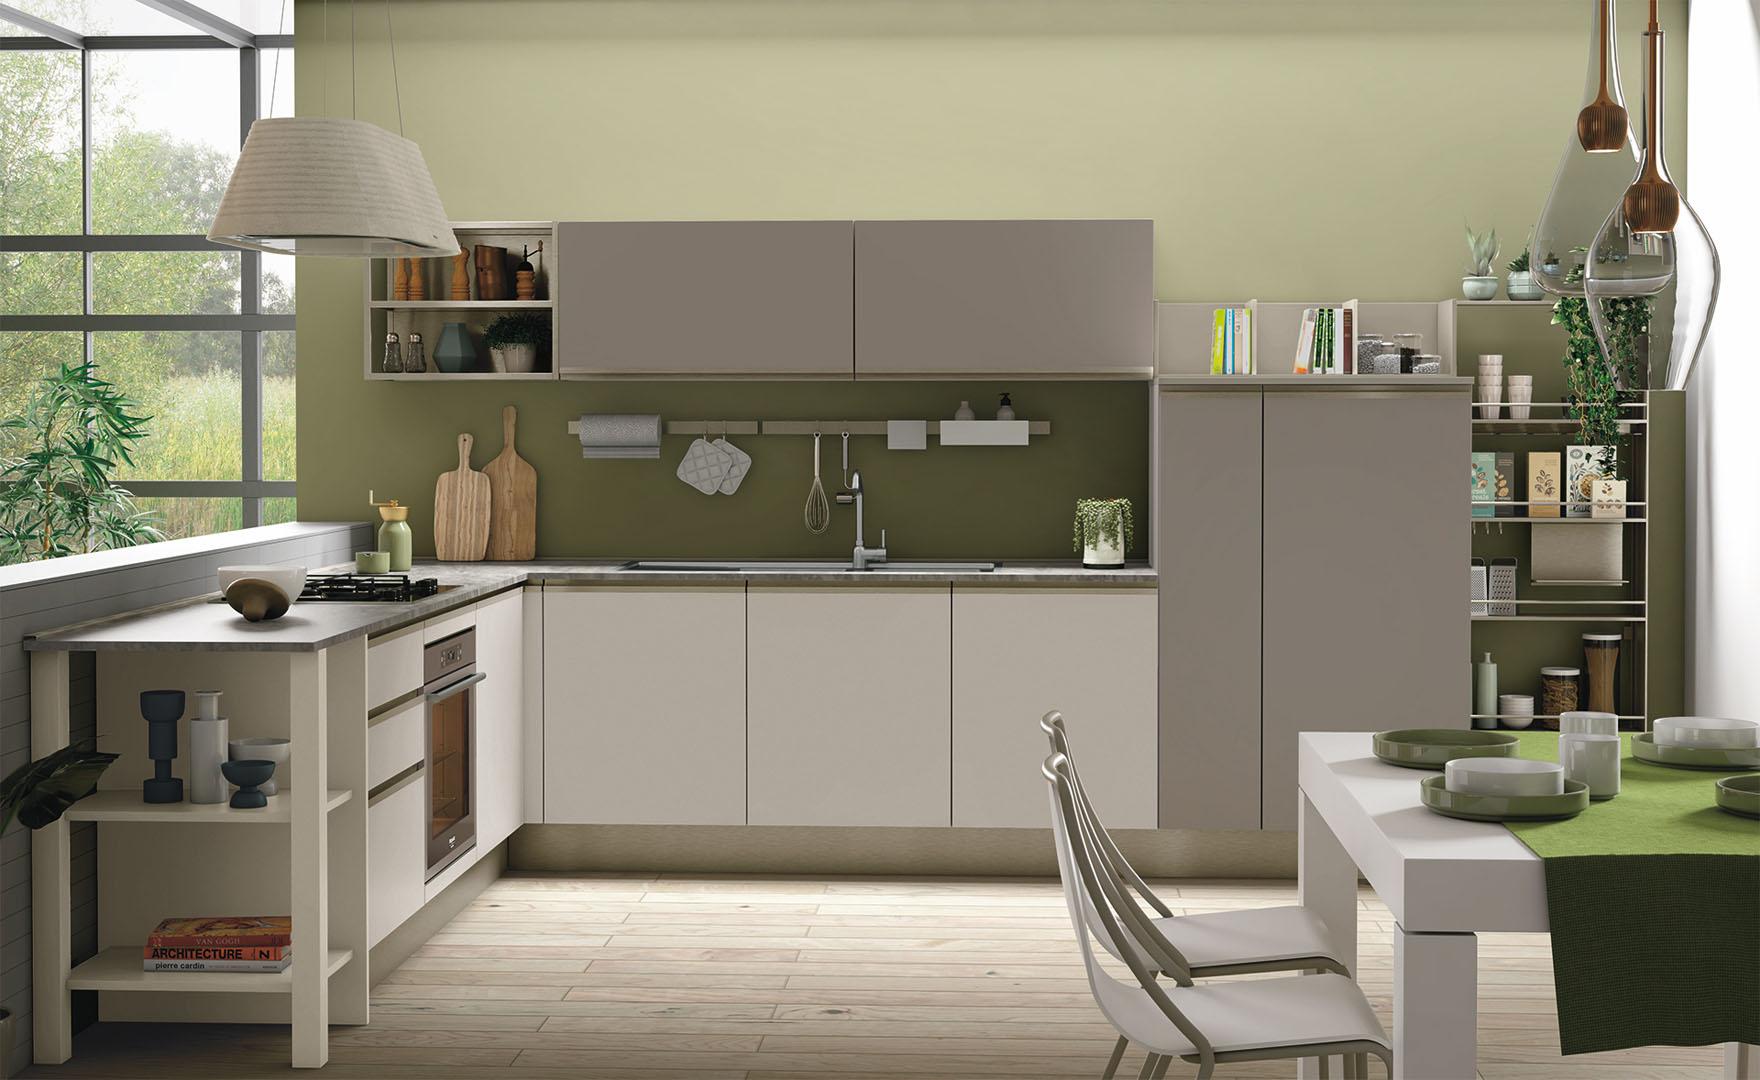 cucina-creo-tablet-a-nardò-e-lecce-24